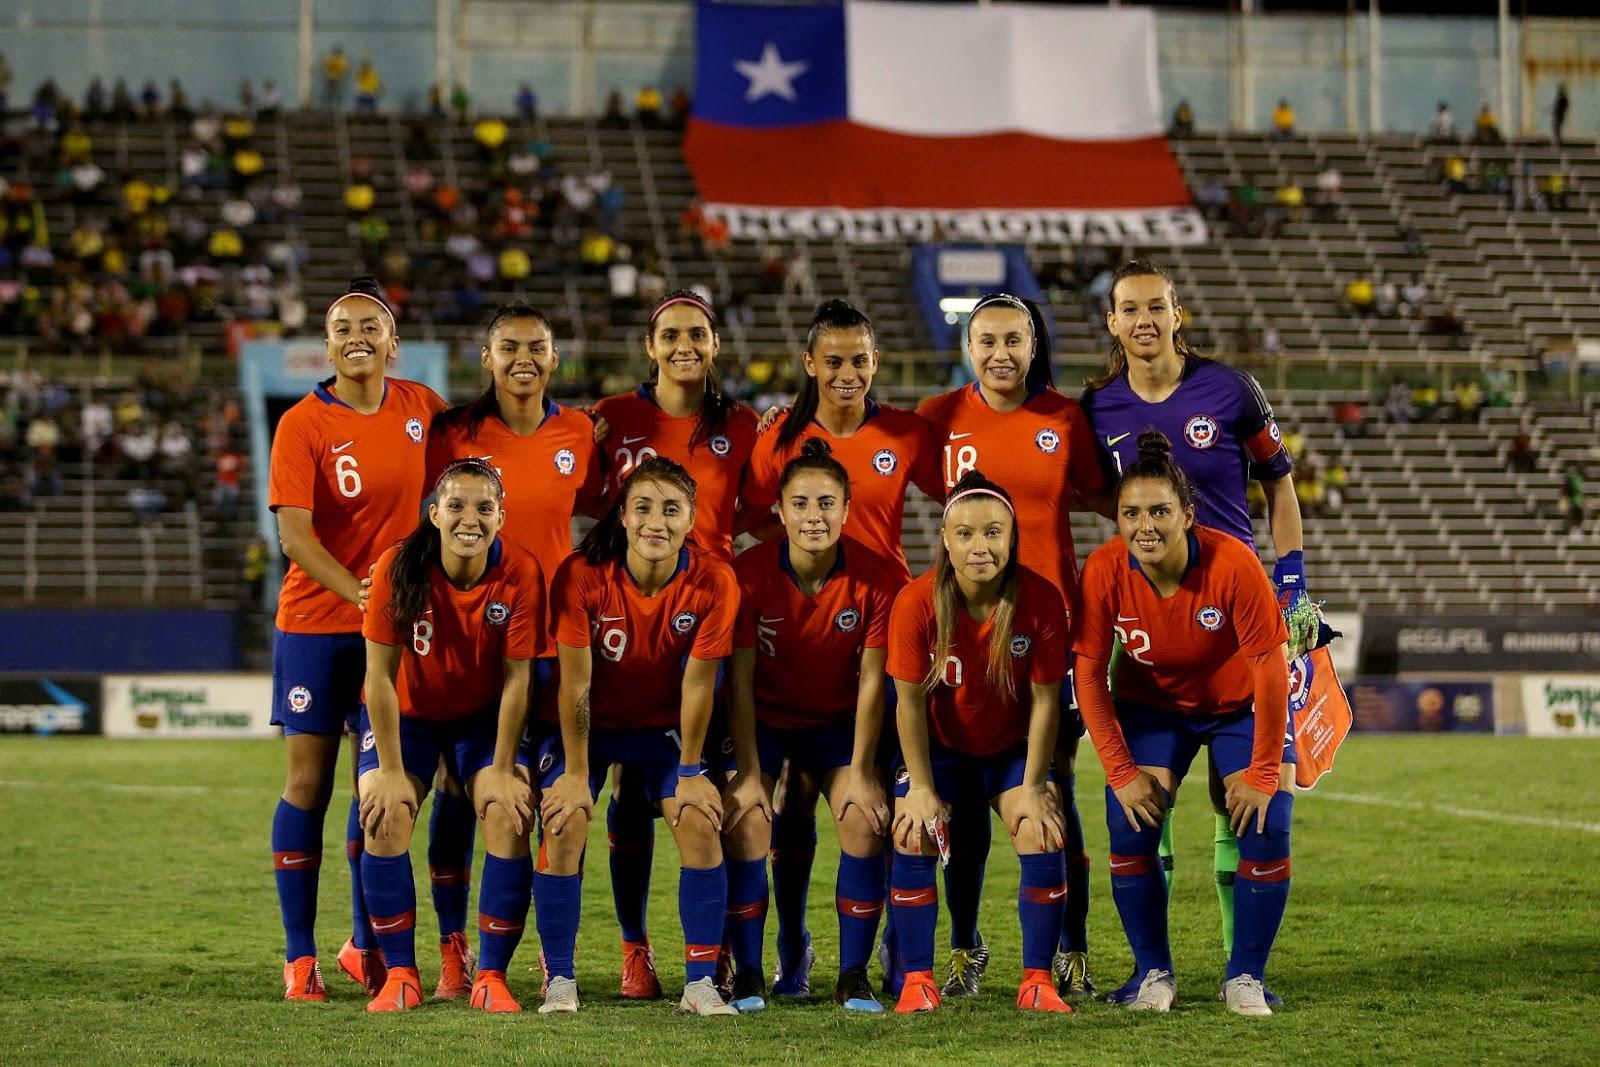 Formación de selección femenina de Chile ante Jamaica, amistoso disputado el 28 de febrero de 2019